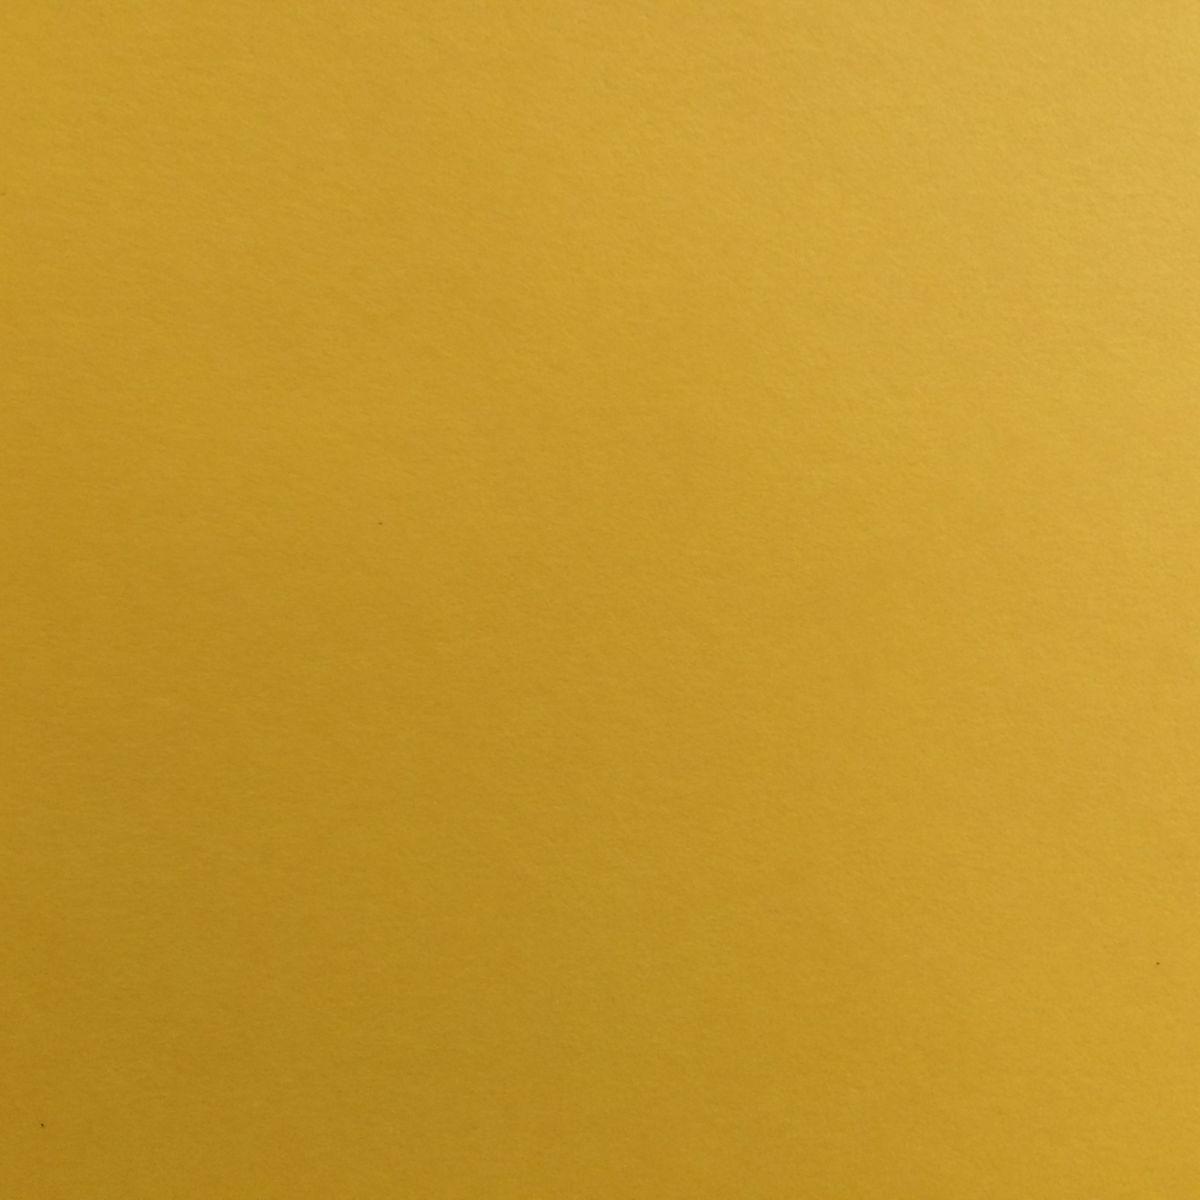 Палаццо Картон цветной цвет желтый 50 листов161207Цветной картон Палаццо предназначен для детского творчества и развития мелкой моторики. Картон тонированный прокрашенный в массе 200г/м2, формат А3.